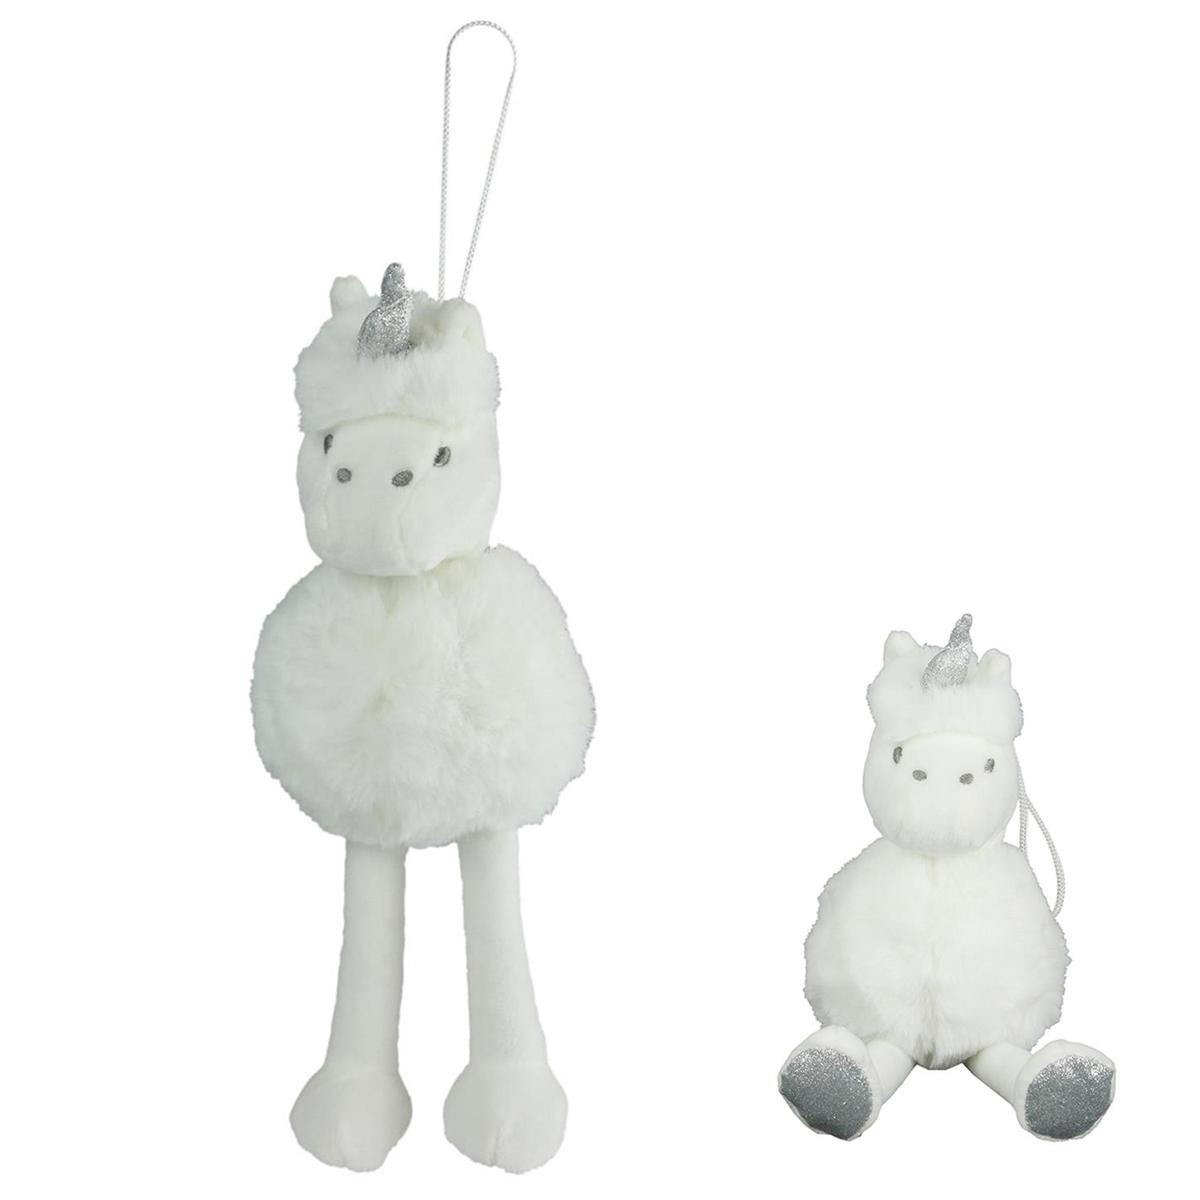 Peluche design \'Licorne My Unicorn\' blanc argenté - 25 cm - [Q4774]